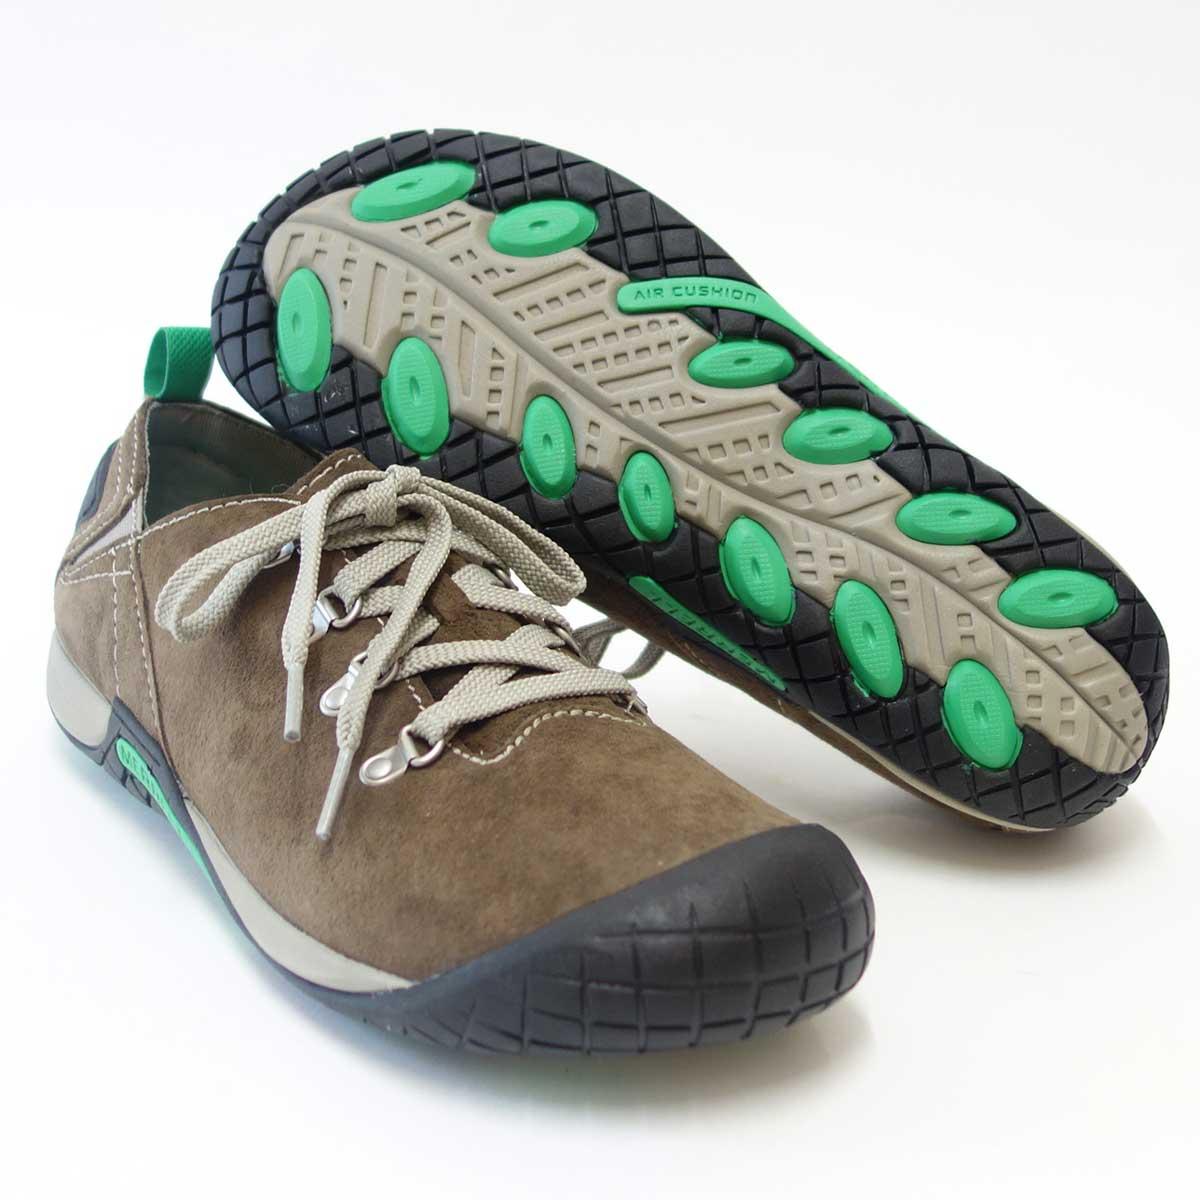 自然にフィットする快適カジュアル靴MERRELL メレル パスウェイレース(メンズ)Merrell Stone 41565 エアークッションで快適ウォーク「靴」